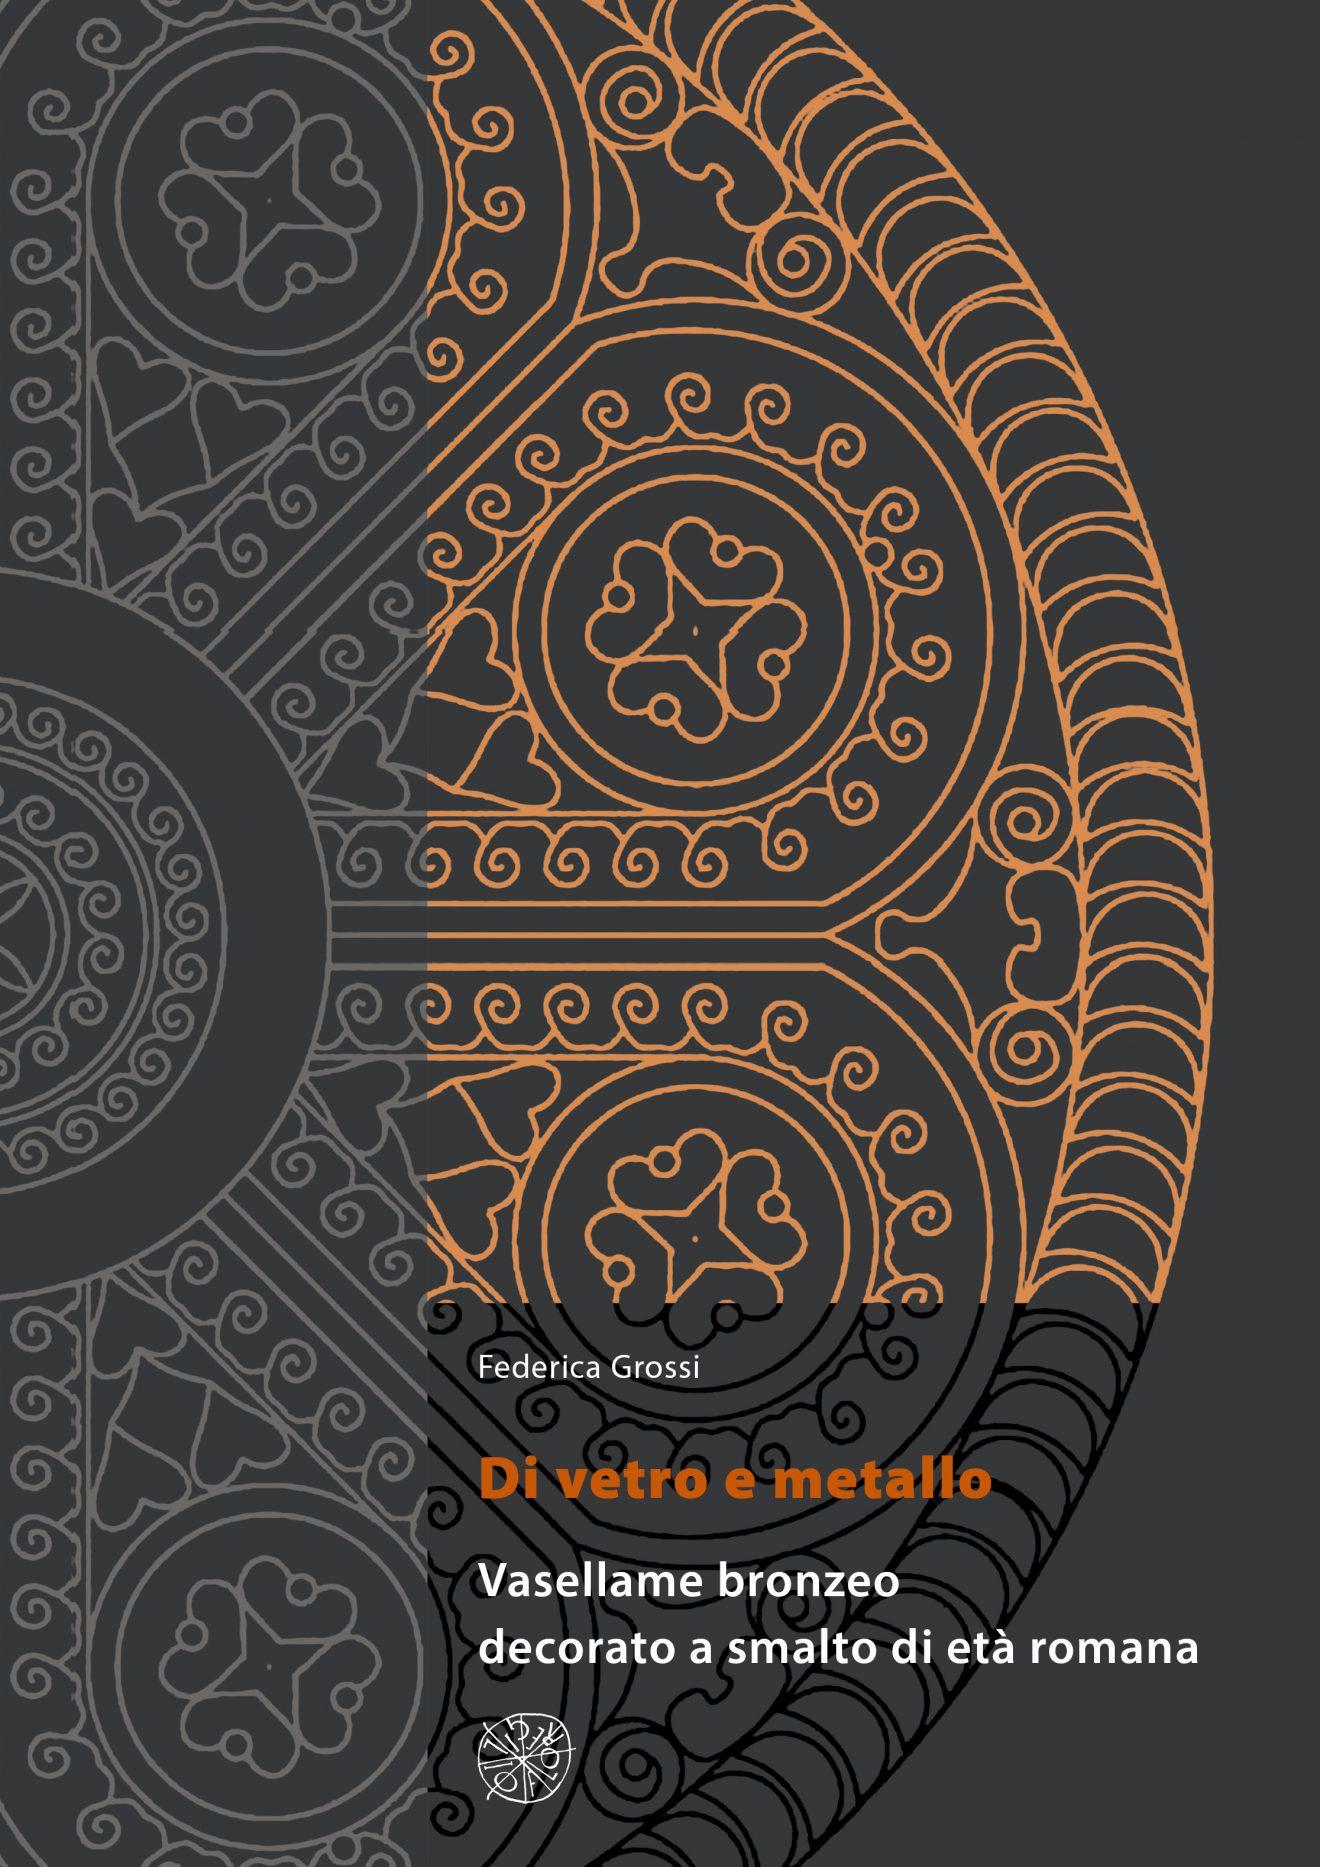 Di vetro e metallo. Vasellame bronzeo decorato a smalto di età romana